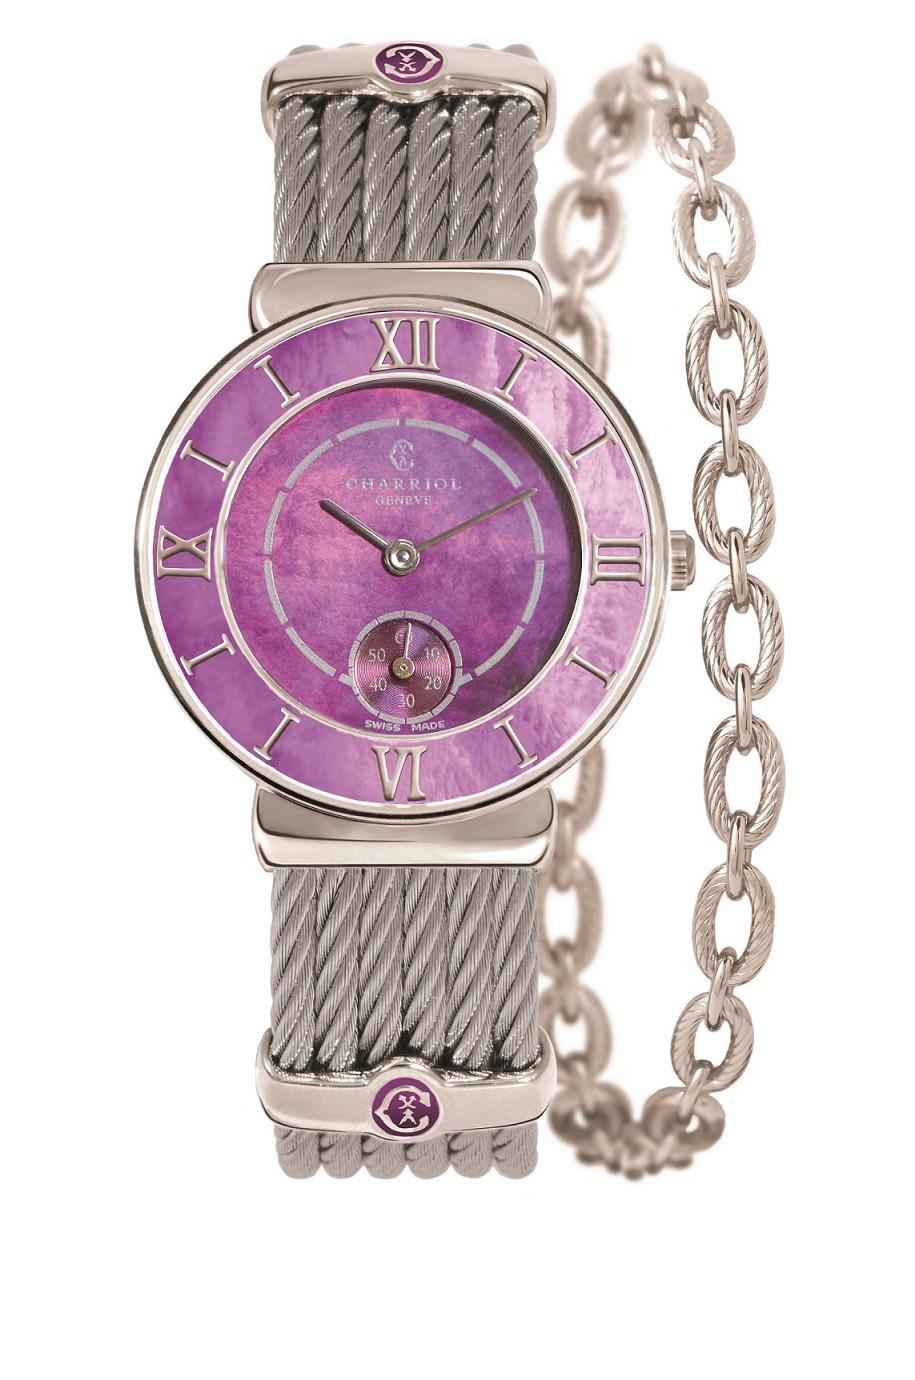 夏利豪 St-Tropez Plum腕錶 NT$63,700